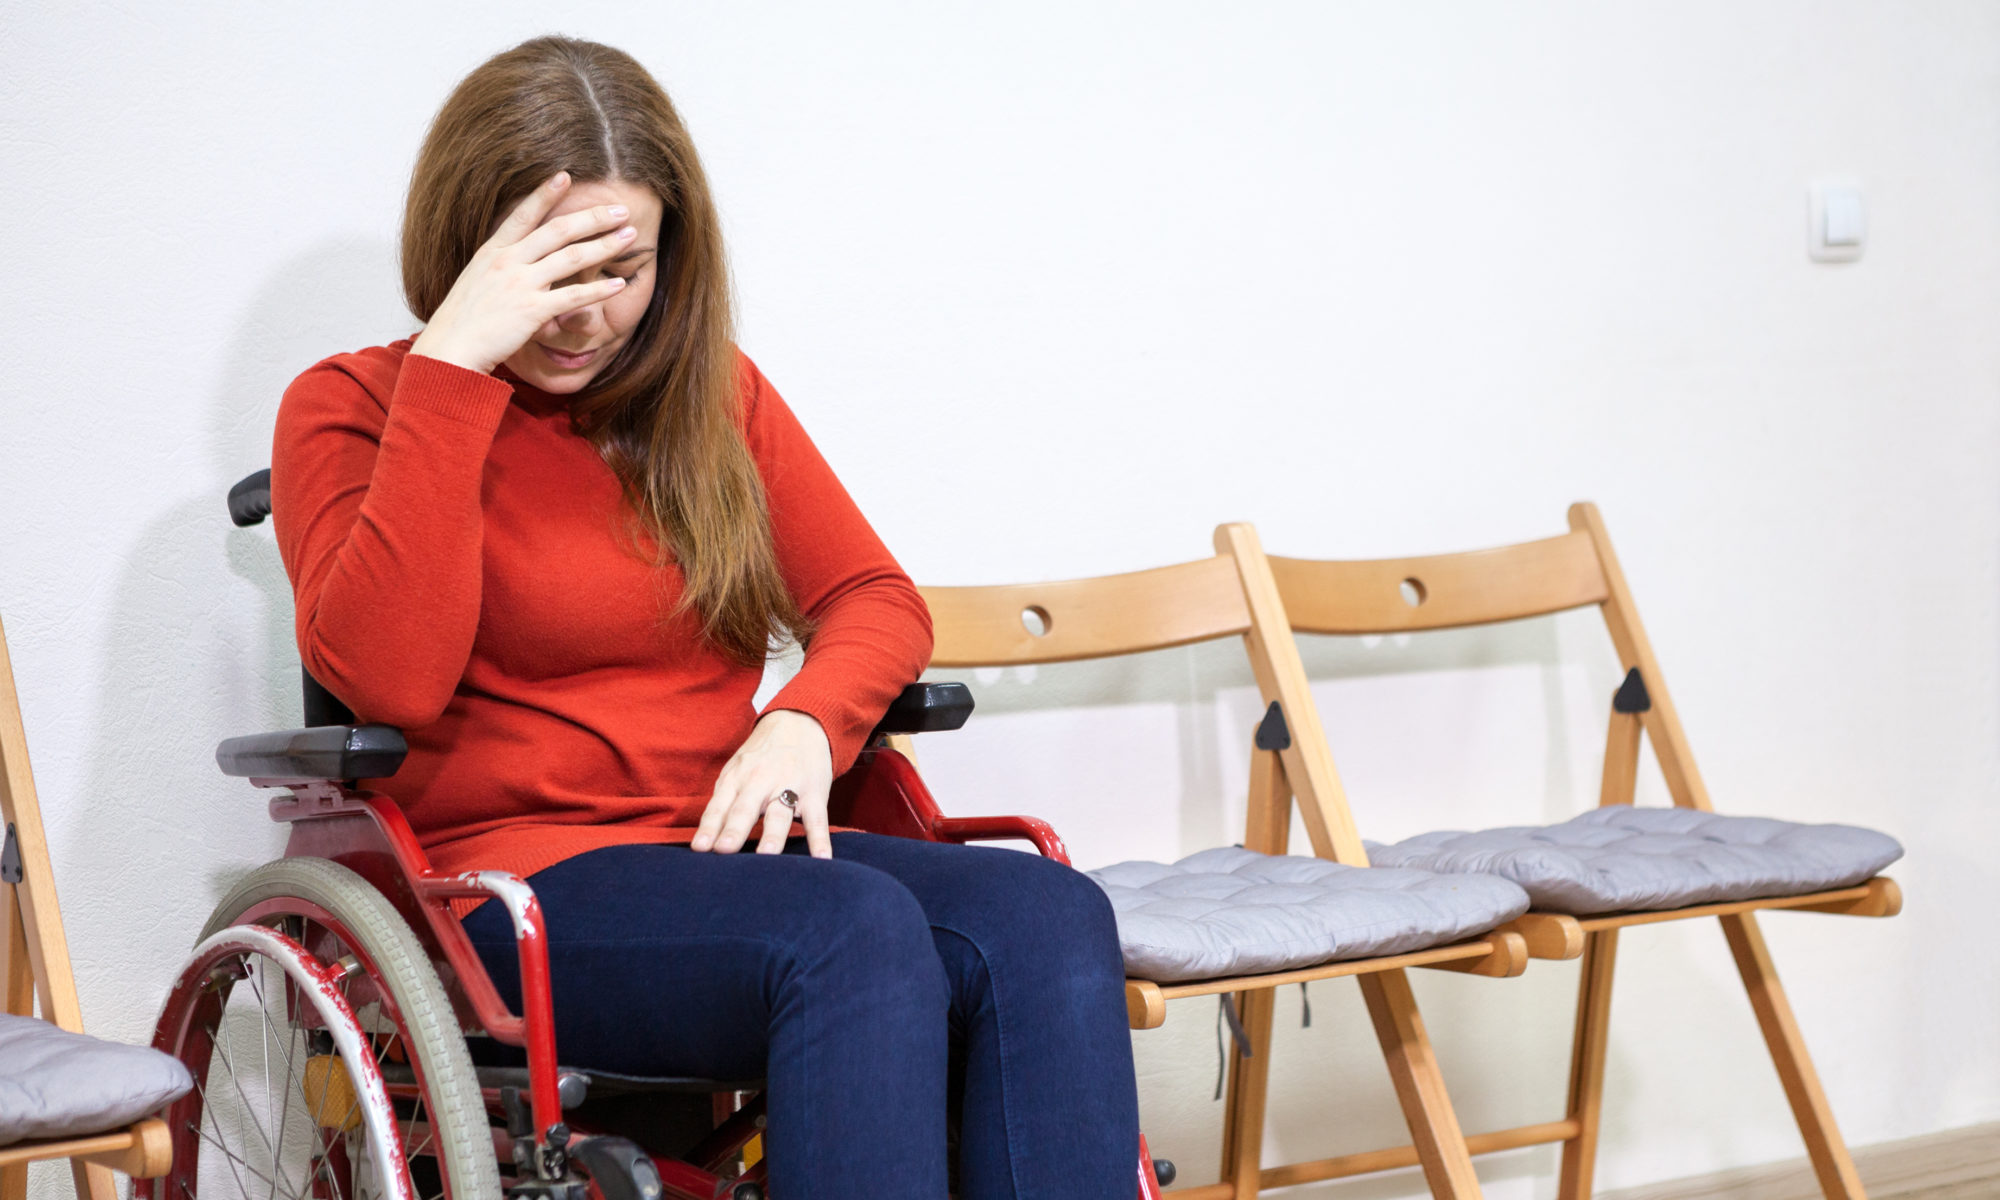 AdobeStock 99967694 2000x1200 - Schwerbehinderte Frauen werden auf dem Arbeitsmarkt doppelt diskriminiert